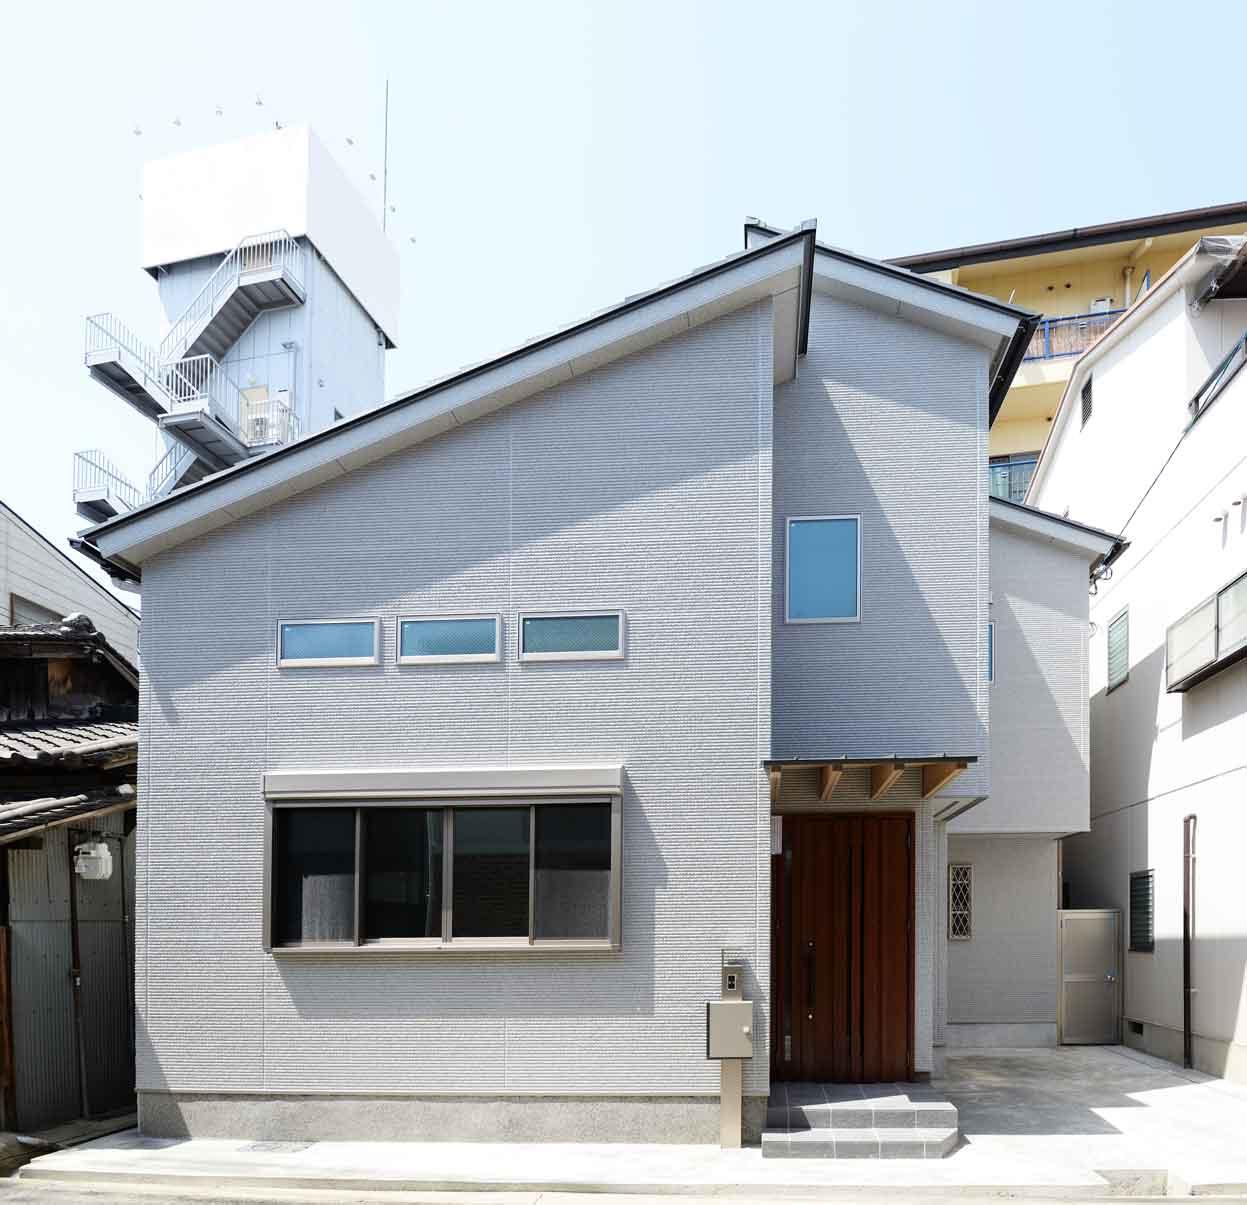 片流れの屋根の組み合わせが特徴的な外観